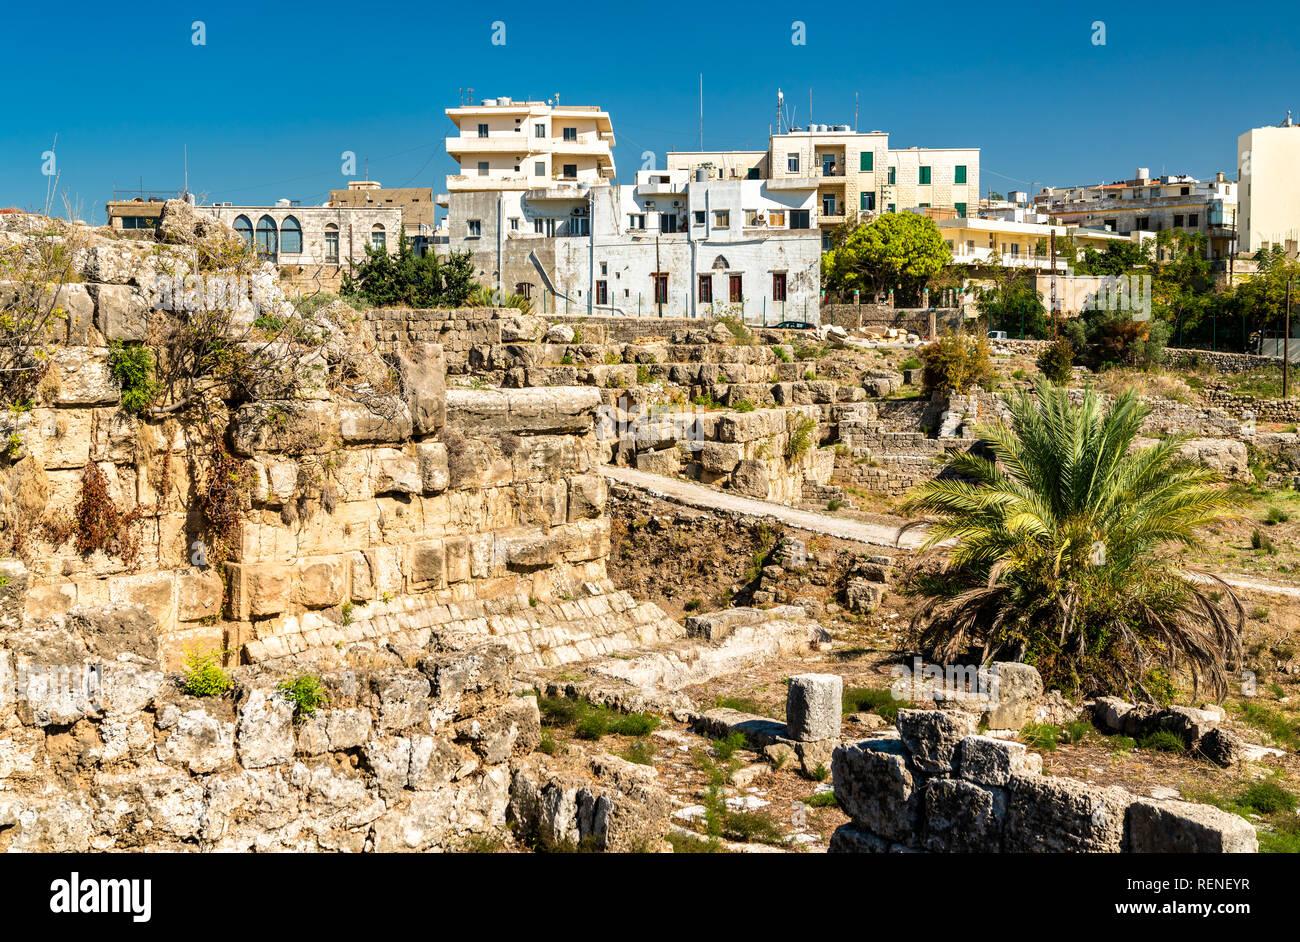 Ruinas de Biblos en el Líbano, un sitio del Patrimonio Mundial de la UNESCO Foto de stock